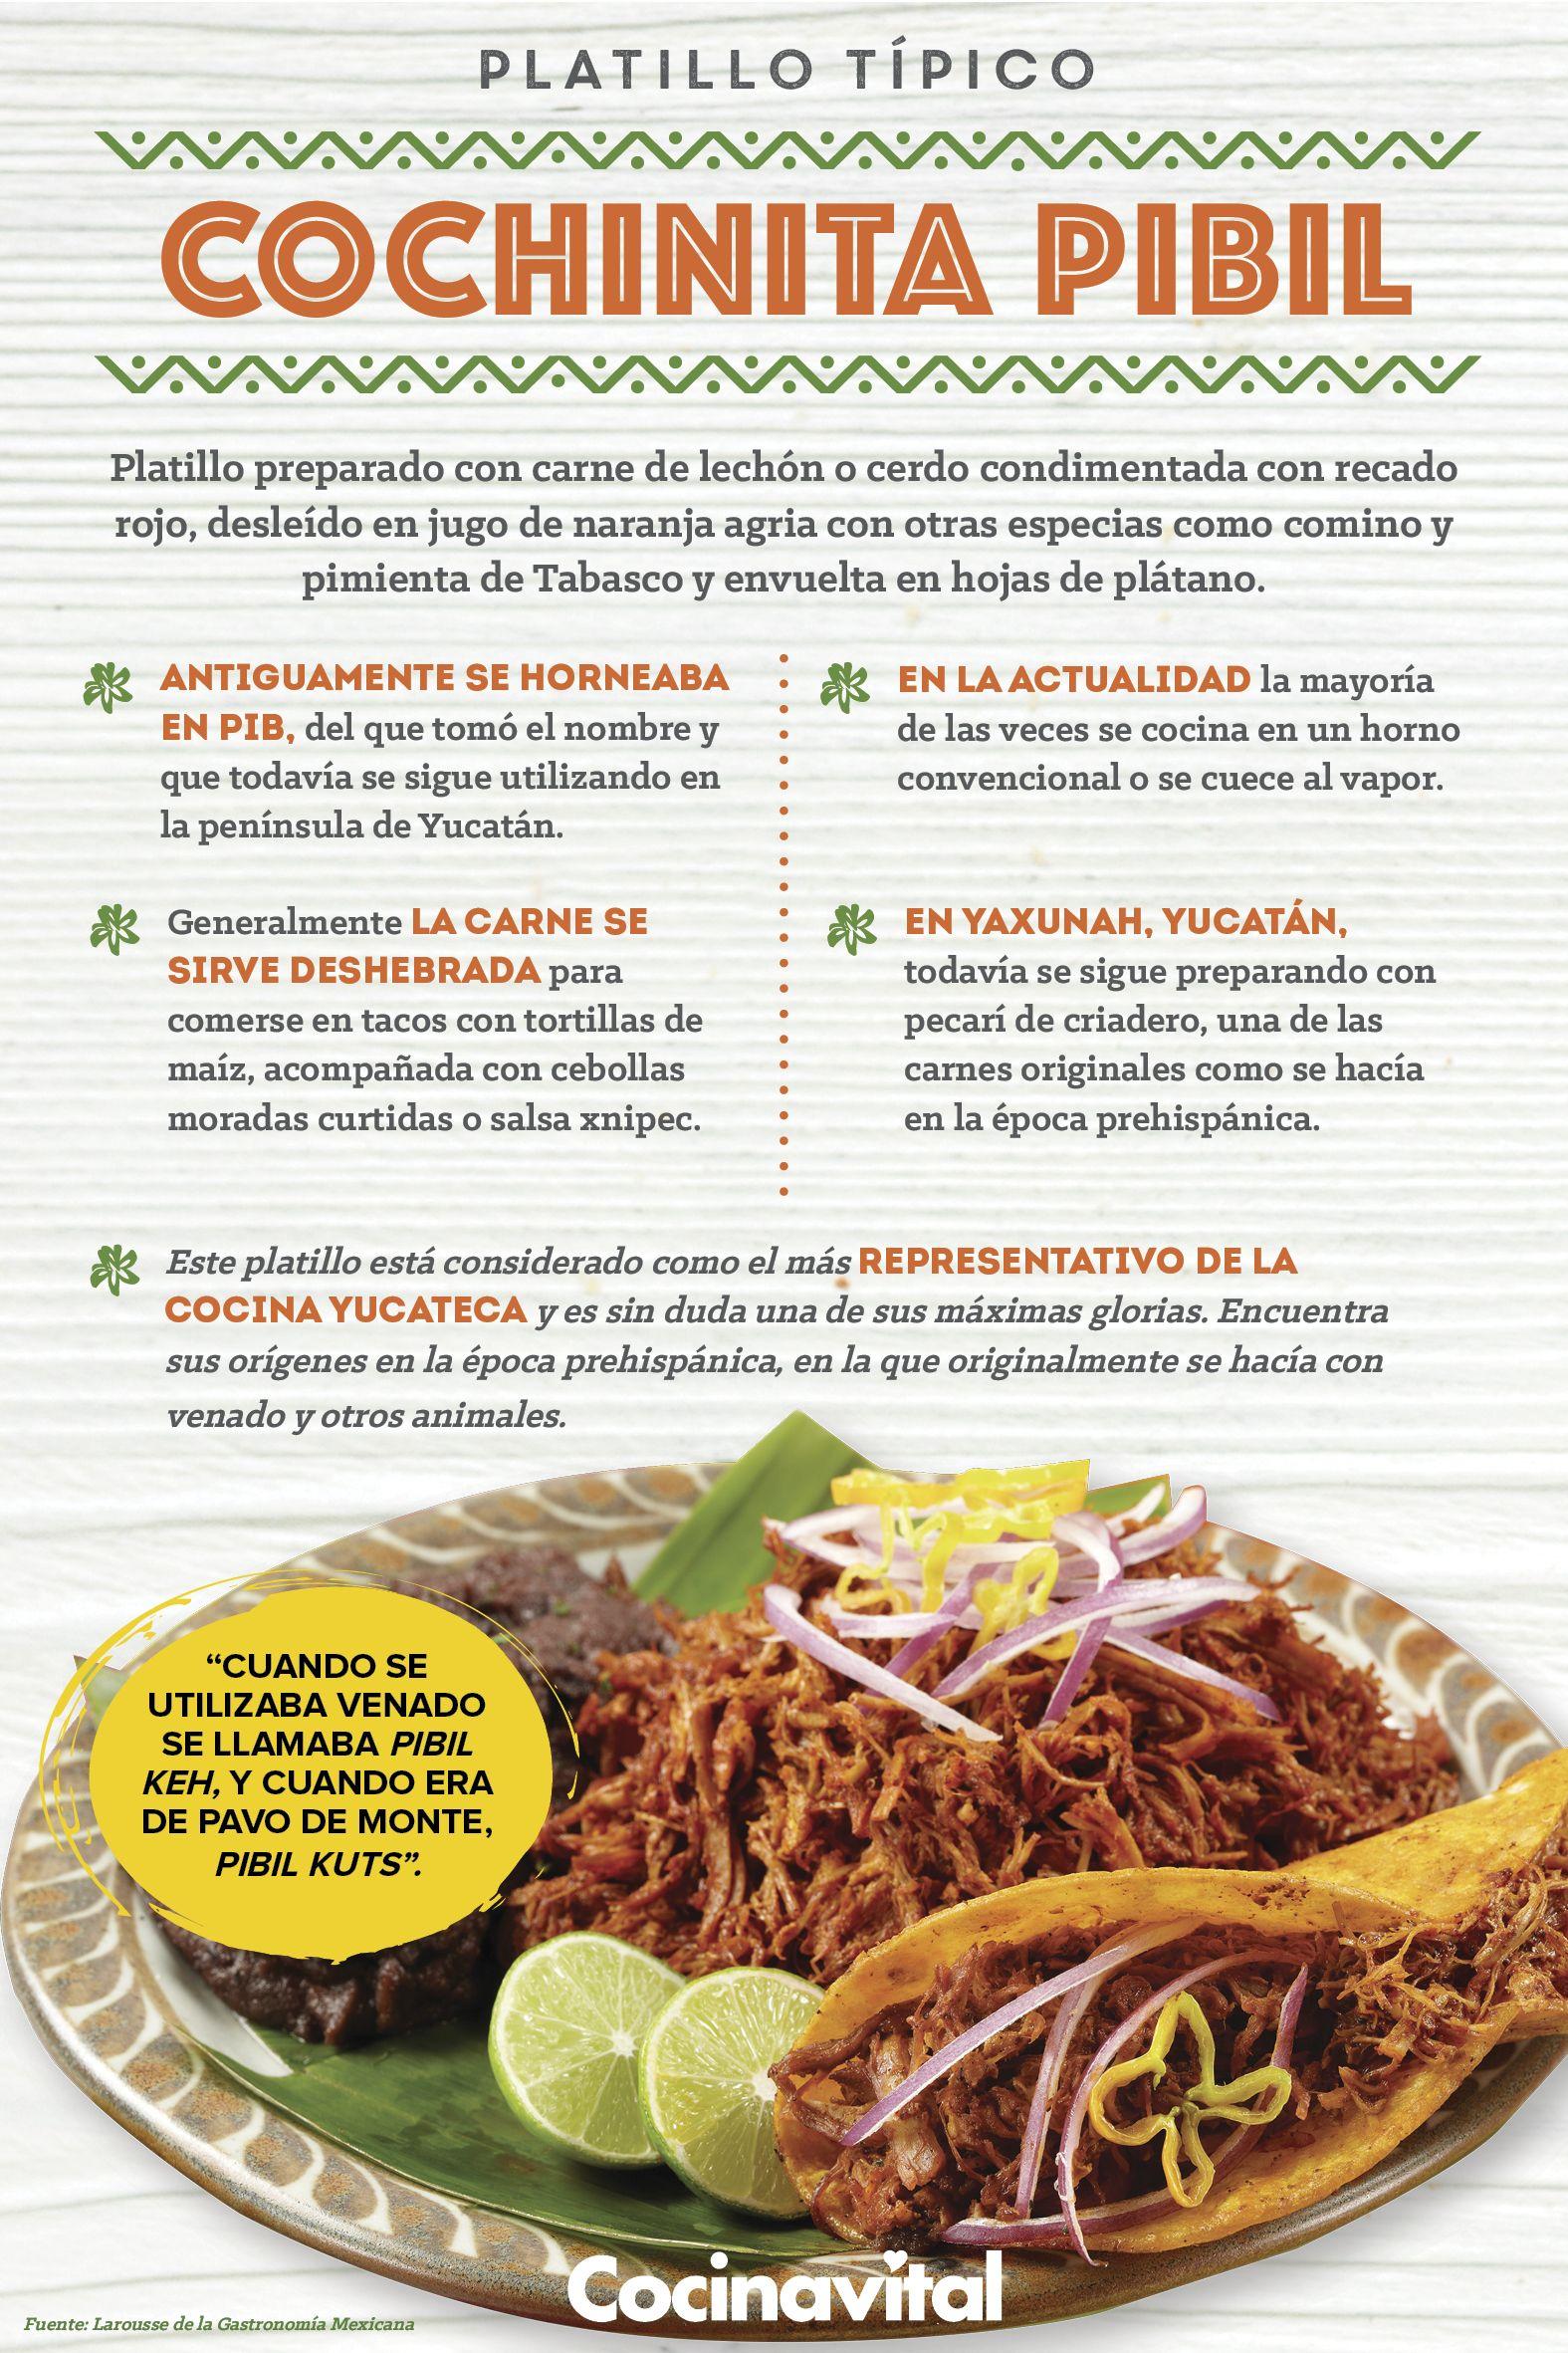 Receta De Cochinita Pibil Recetas De Comida Mexicana Receta Cochinita Pibil Receta Como Preparar Cochinita Pibil Cochinita Pibil